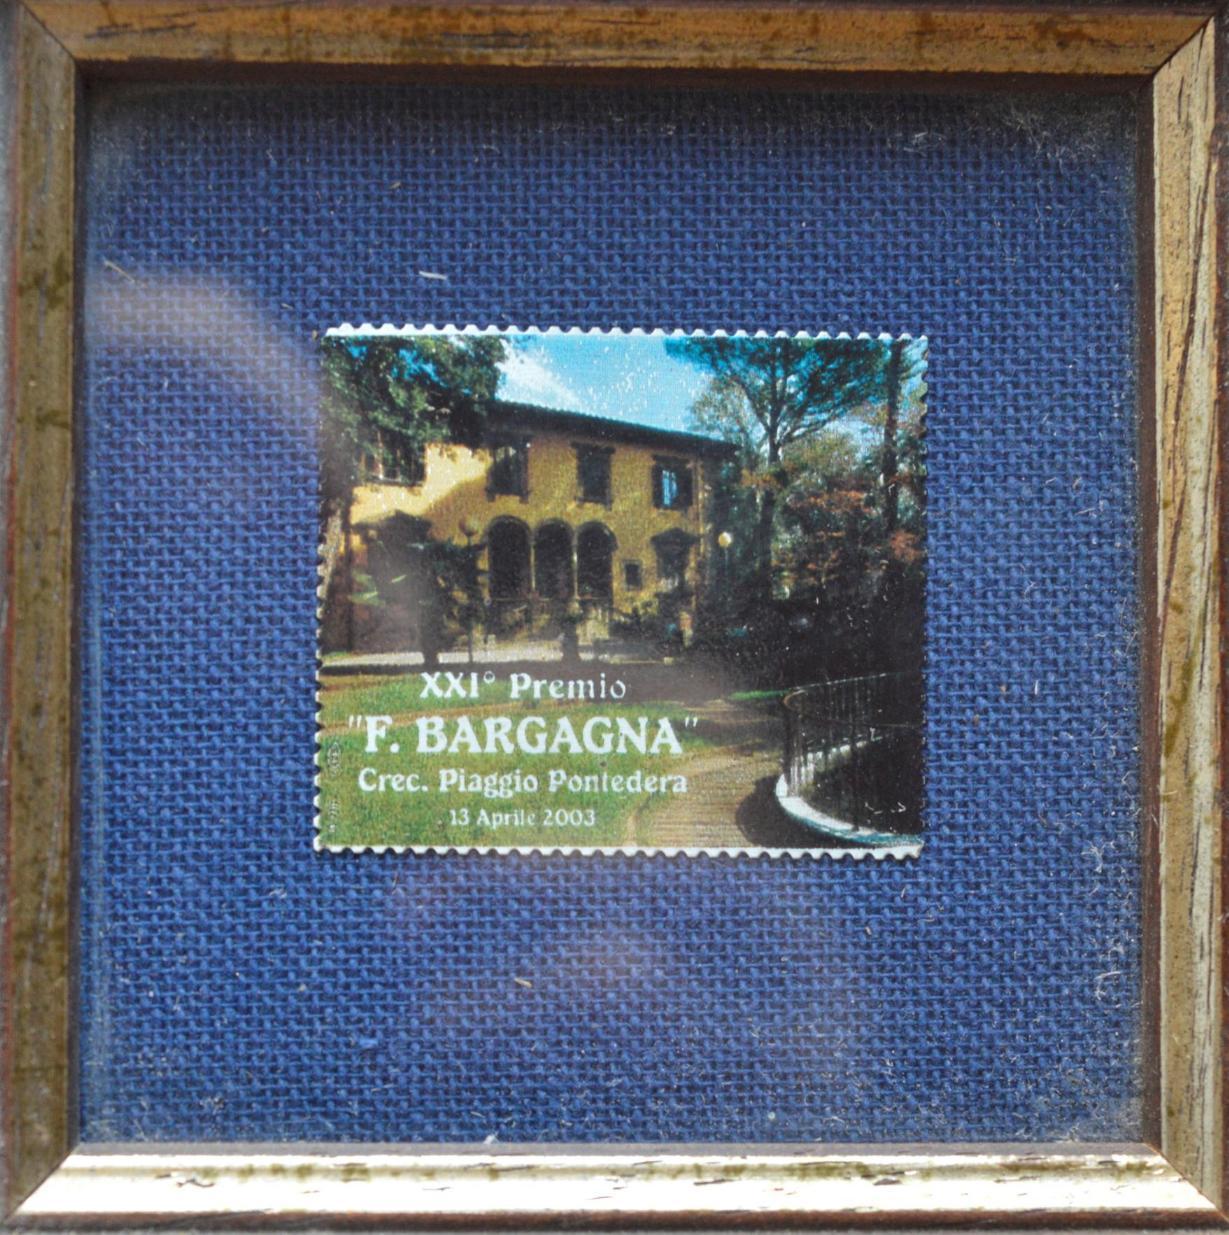 13 aprile 2003 XXI premio F Bargagna - Piaggio Pontedera 1